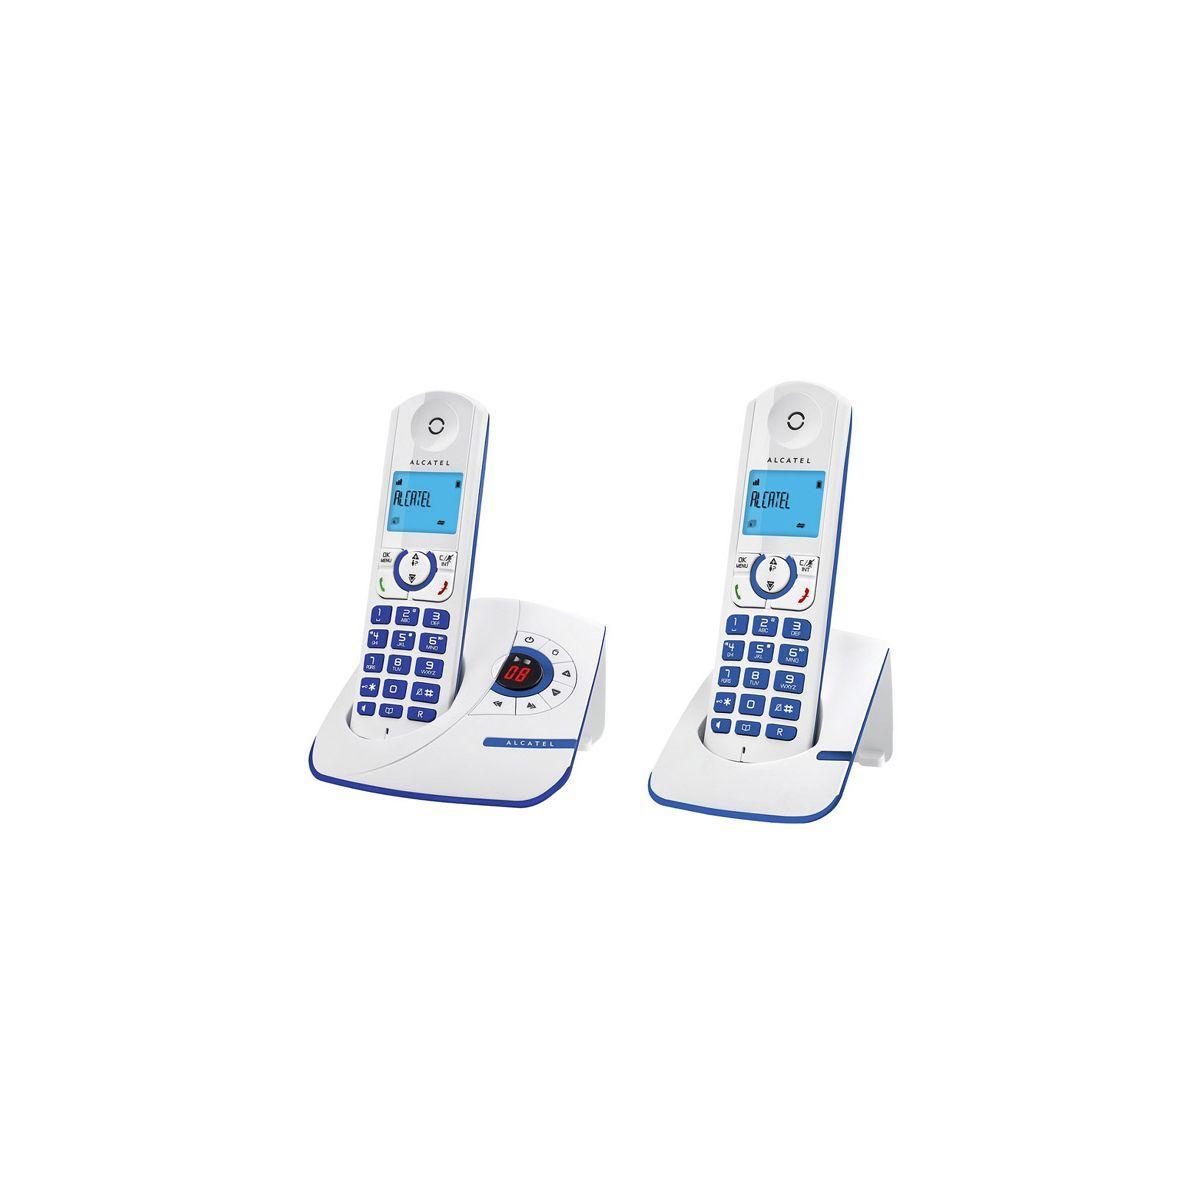 Pack alcatel f330 voice duo bleu - 20% de remise immédiate avec le code : multi20 (photo)